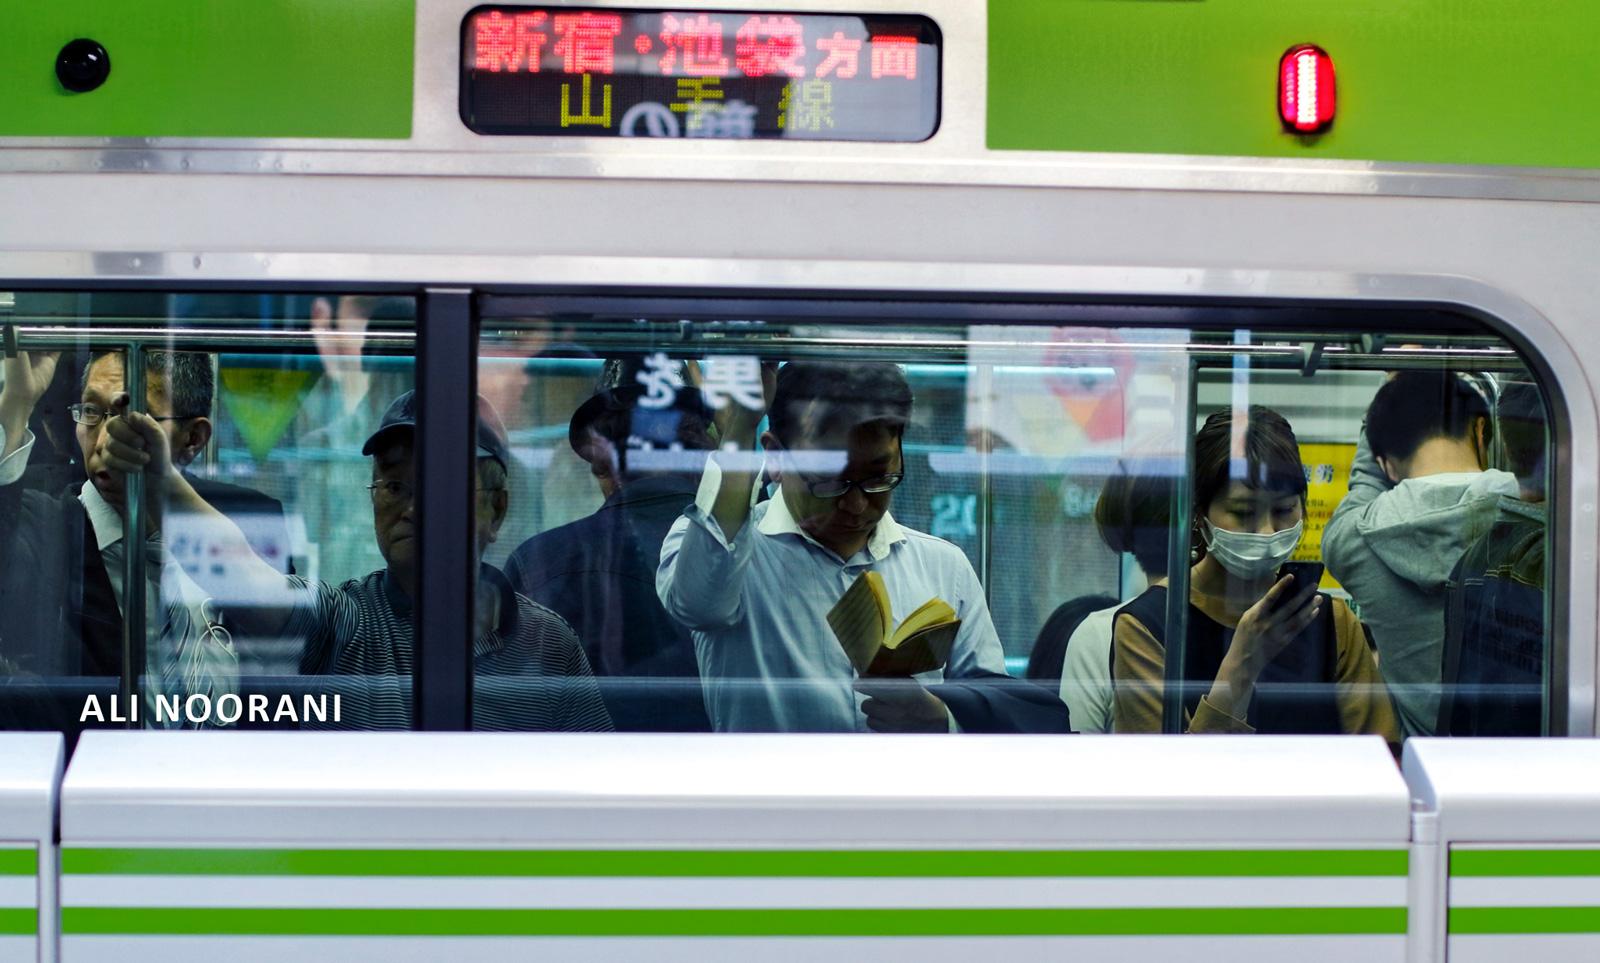 مردی در حال کتاب خواندن در مترو توکیو. عکس از علی نورانی